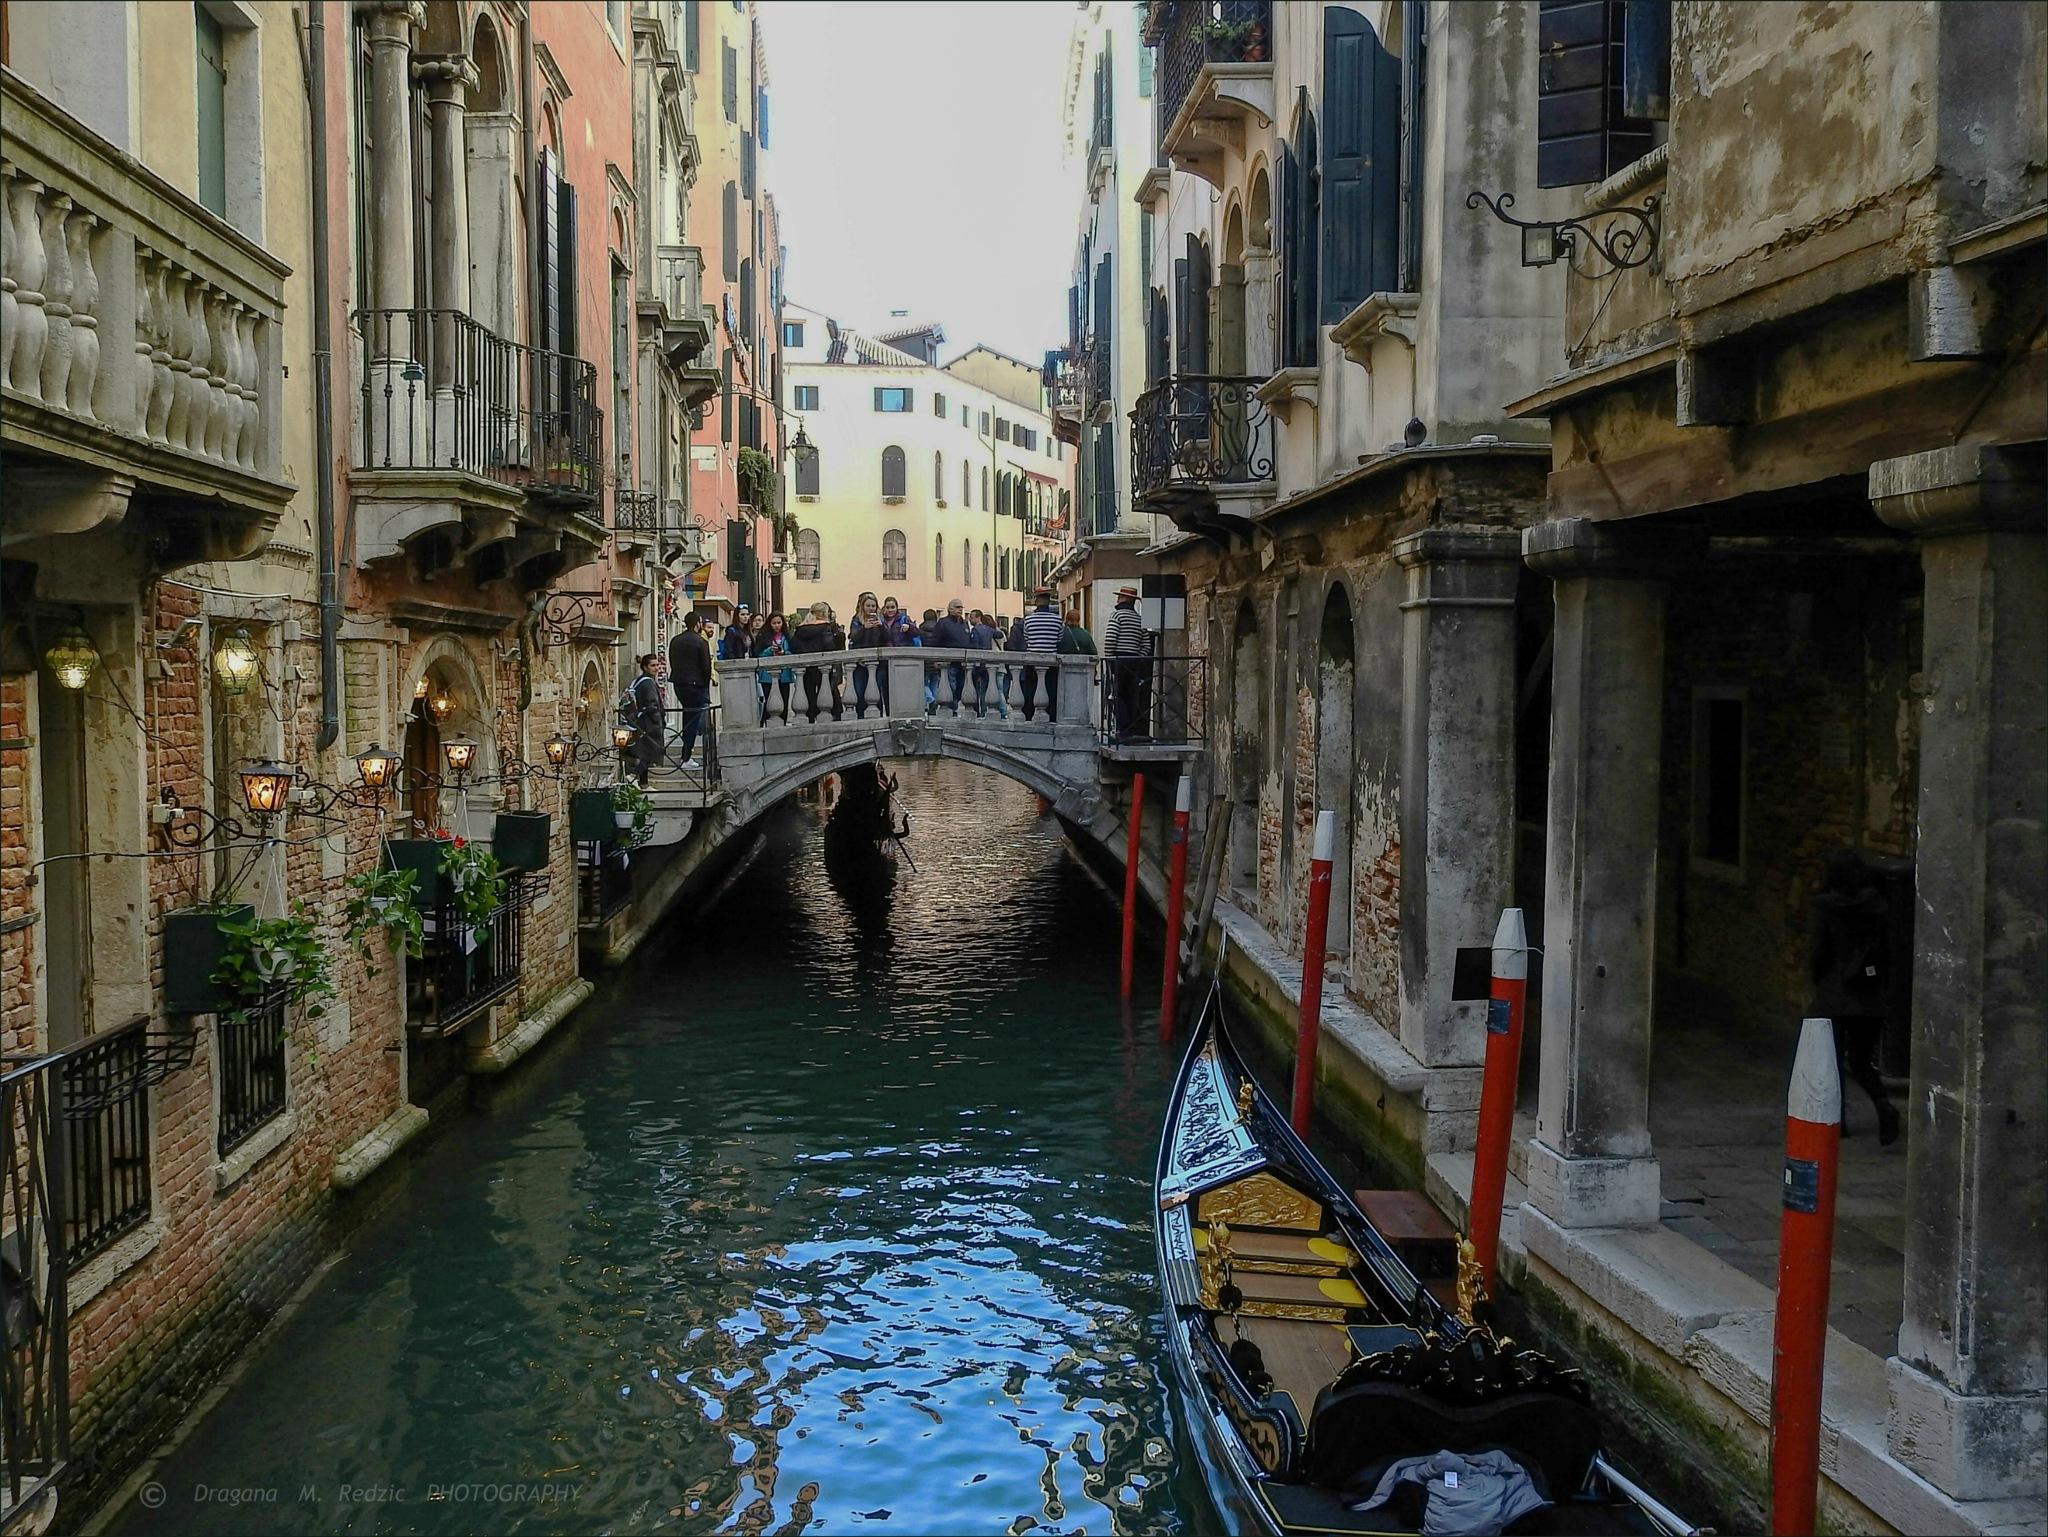 13 - Per le strade di Venezia - Ponte con molti turisti by Драгана М. Реџић